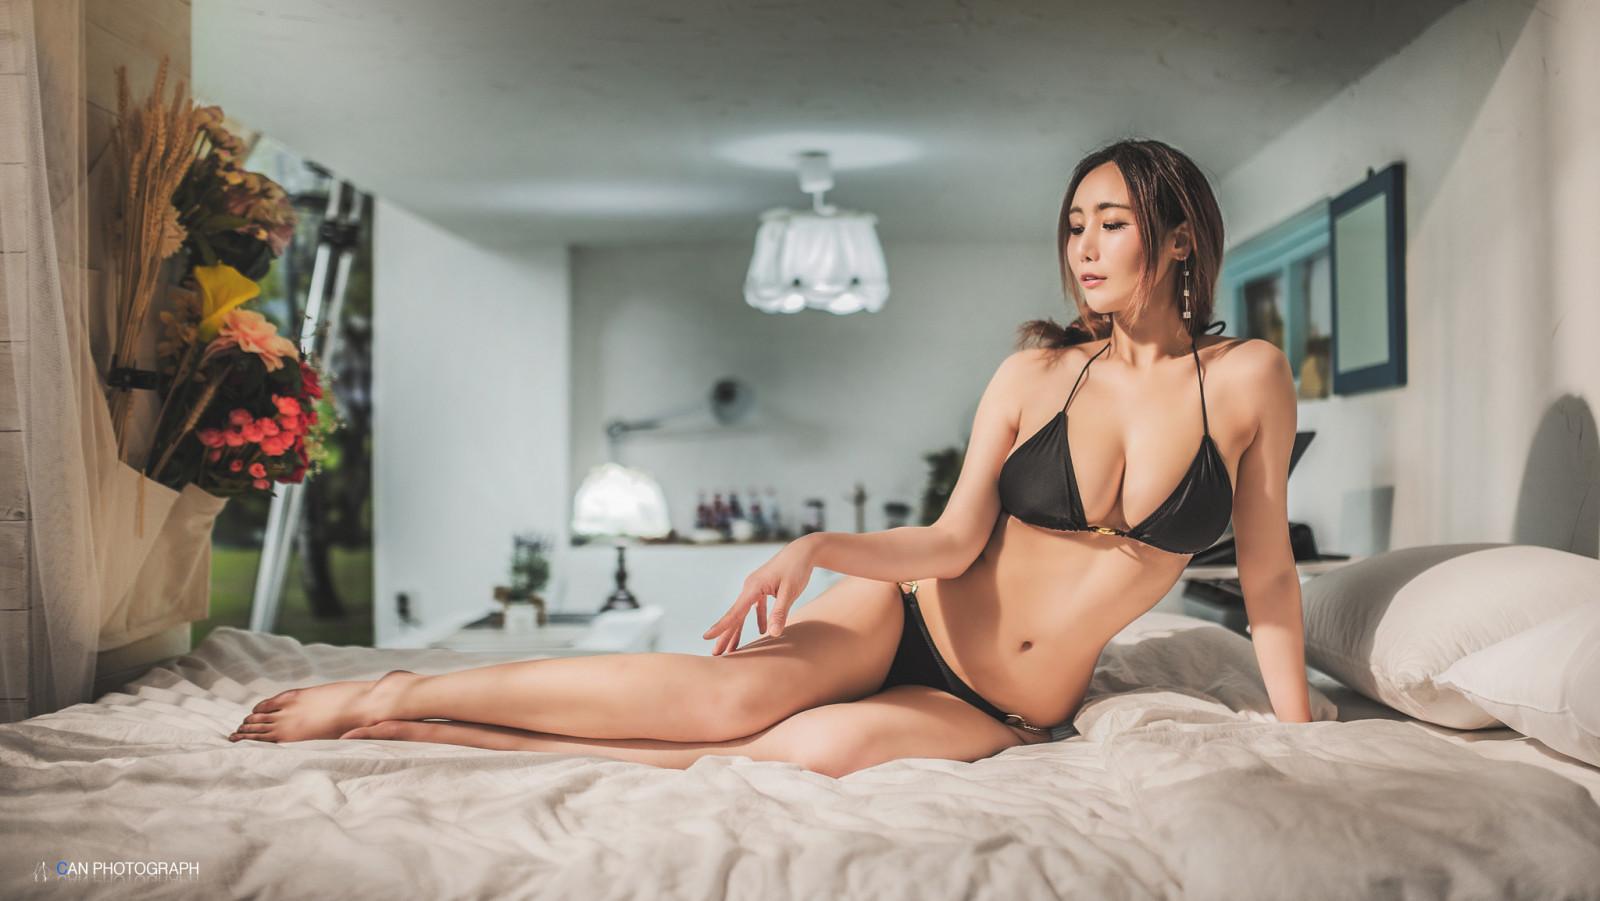 erotika-oboi-zhenshini